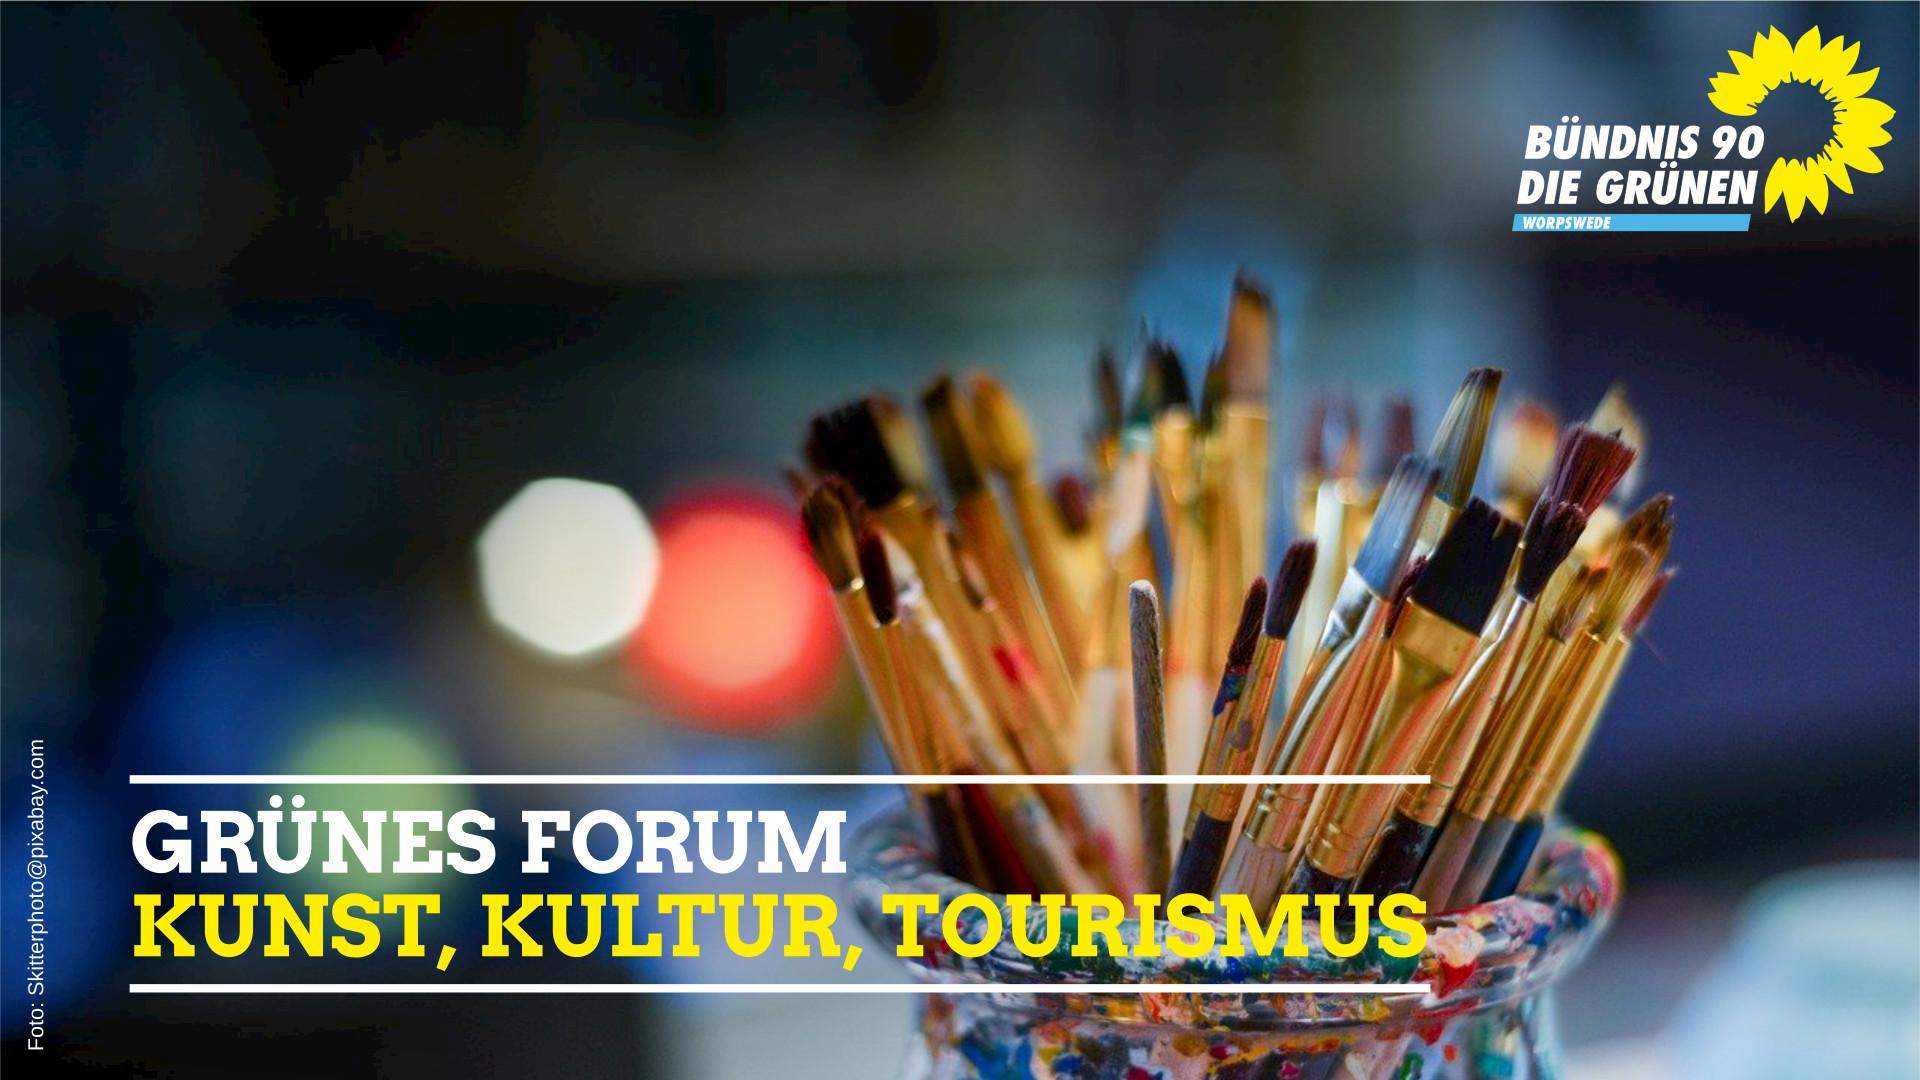 Grünes Forum: Kunst, Kultur, Tourismus